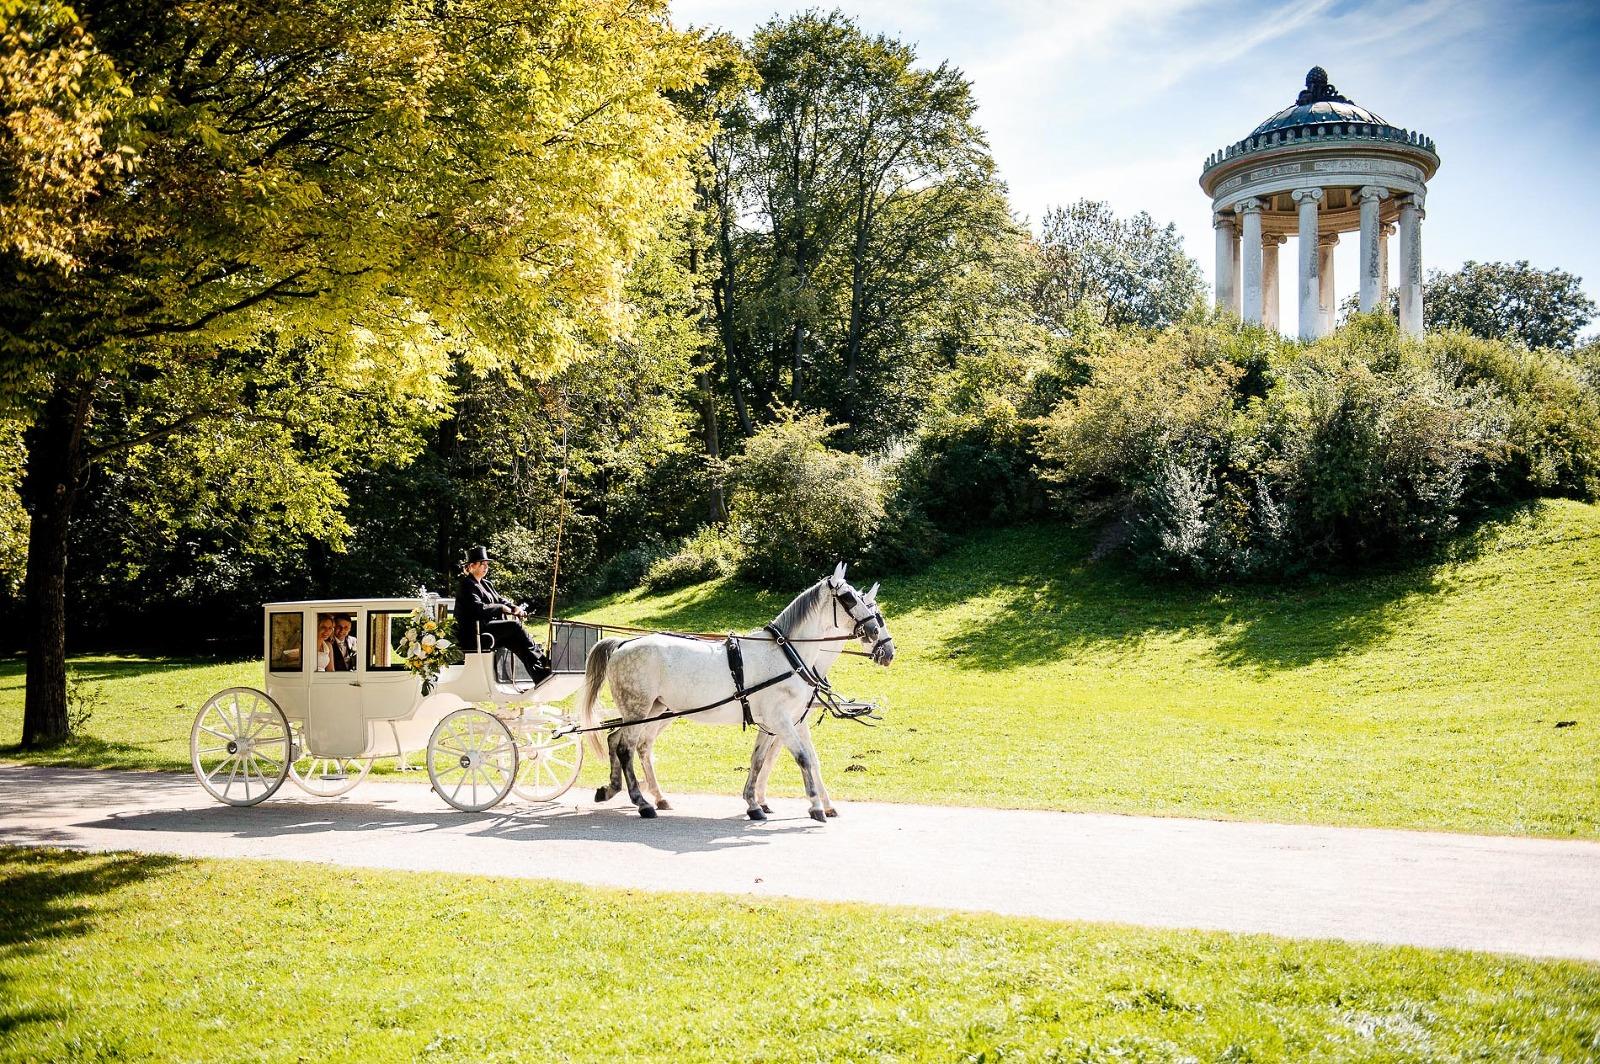 Fotograf München Hochzeit, Brautpaar in der Kutsche am Monopteros im Englischen Garten